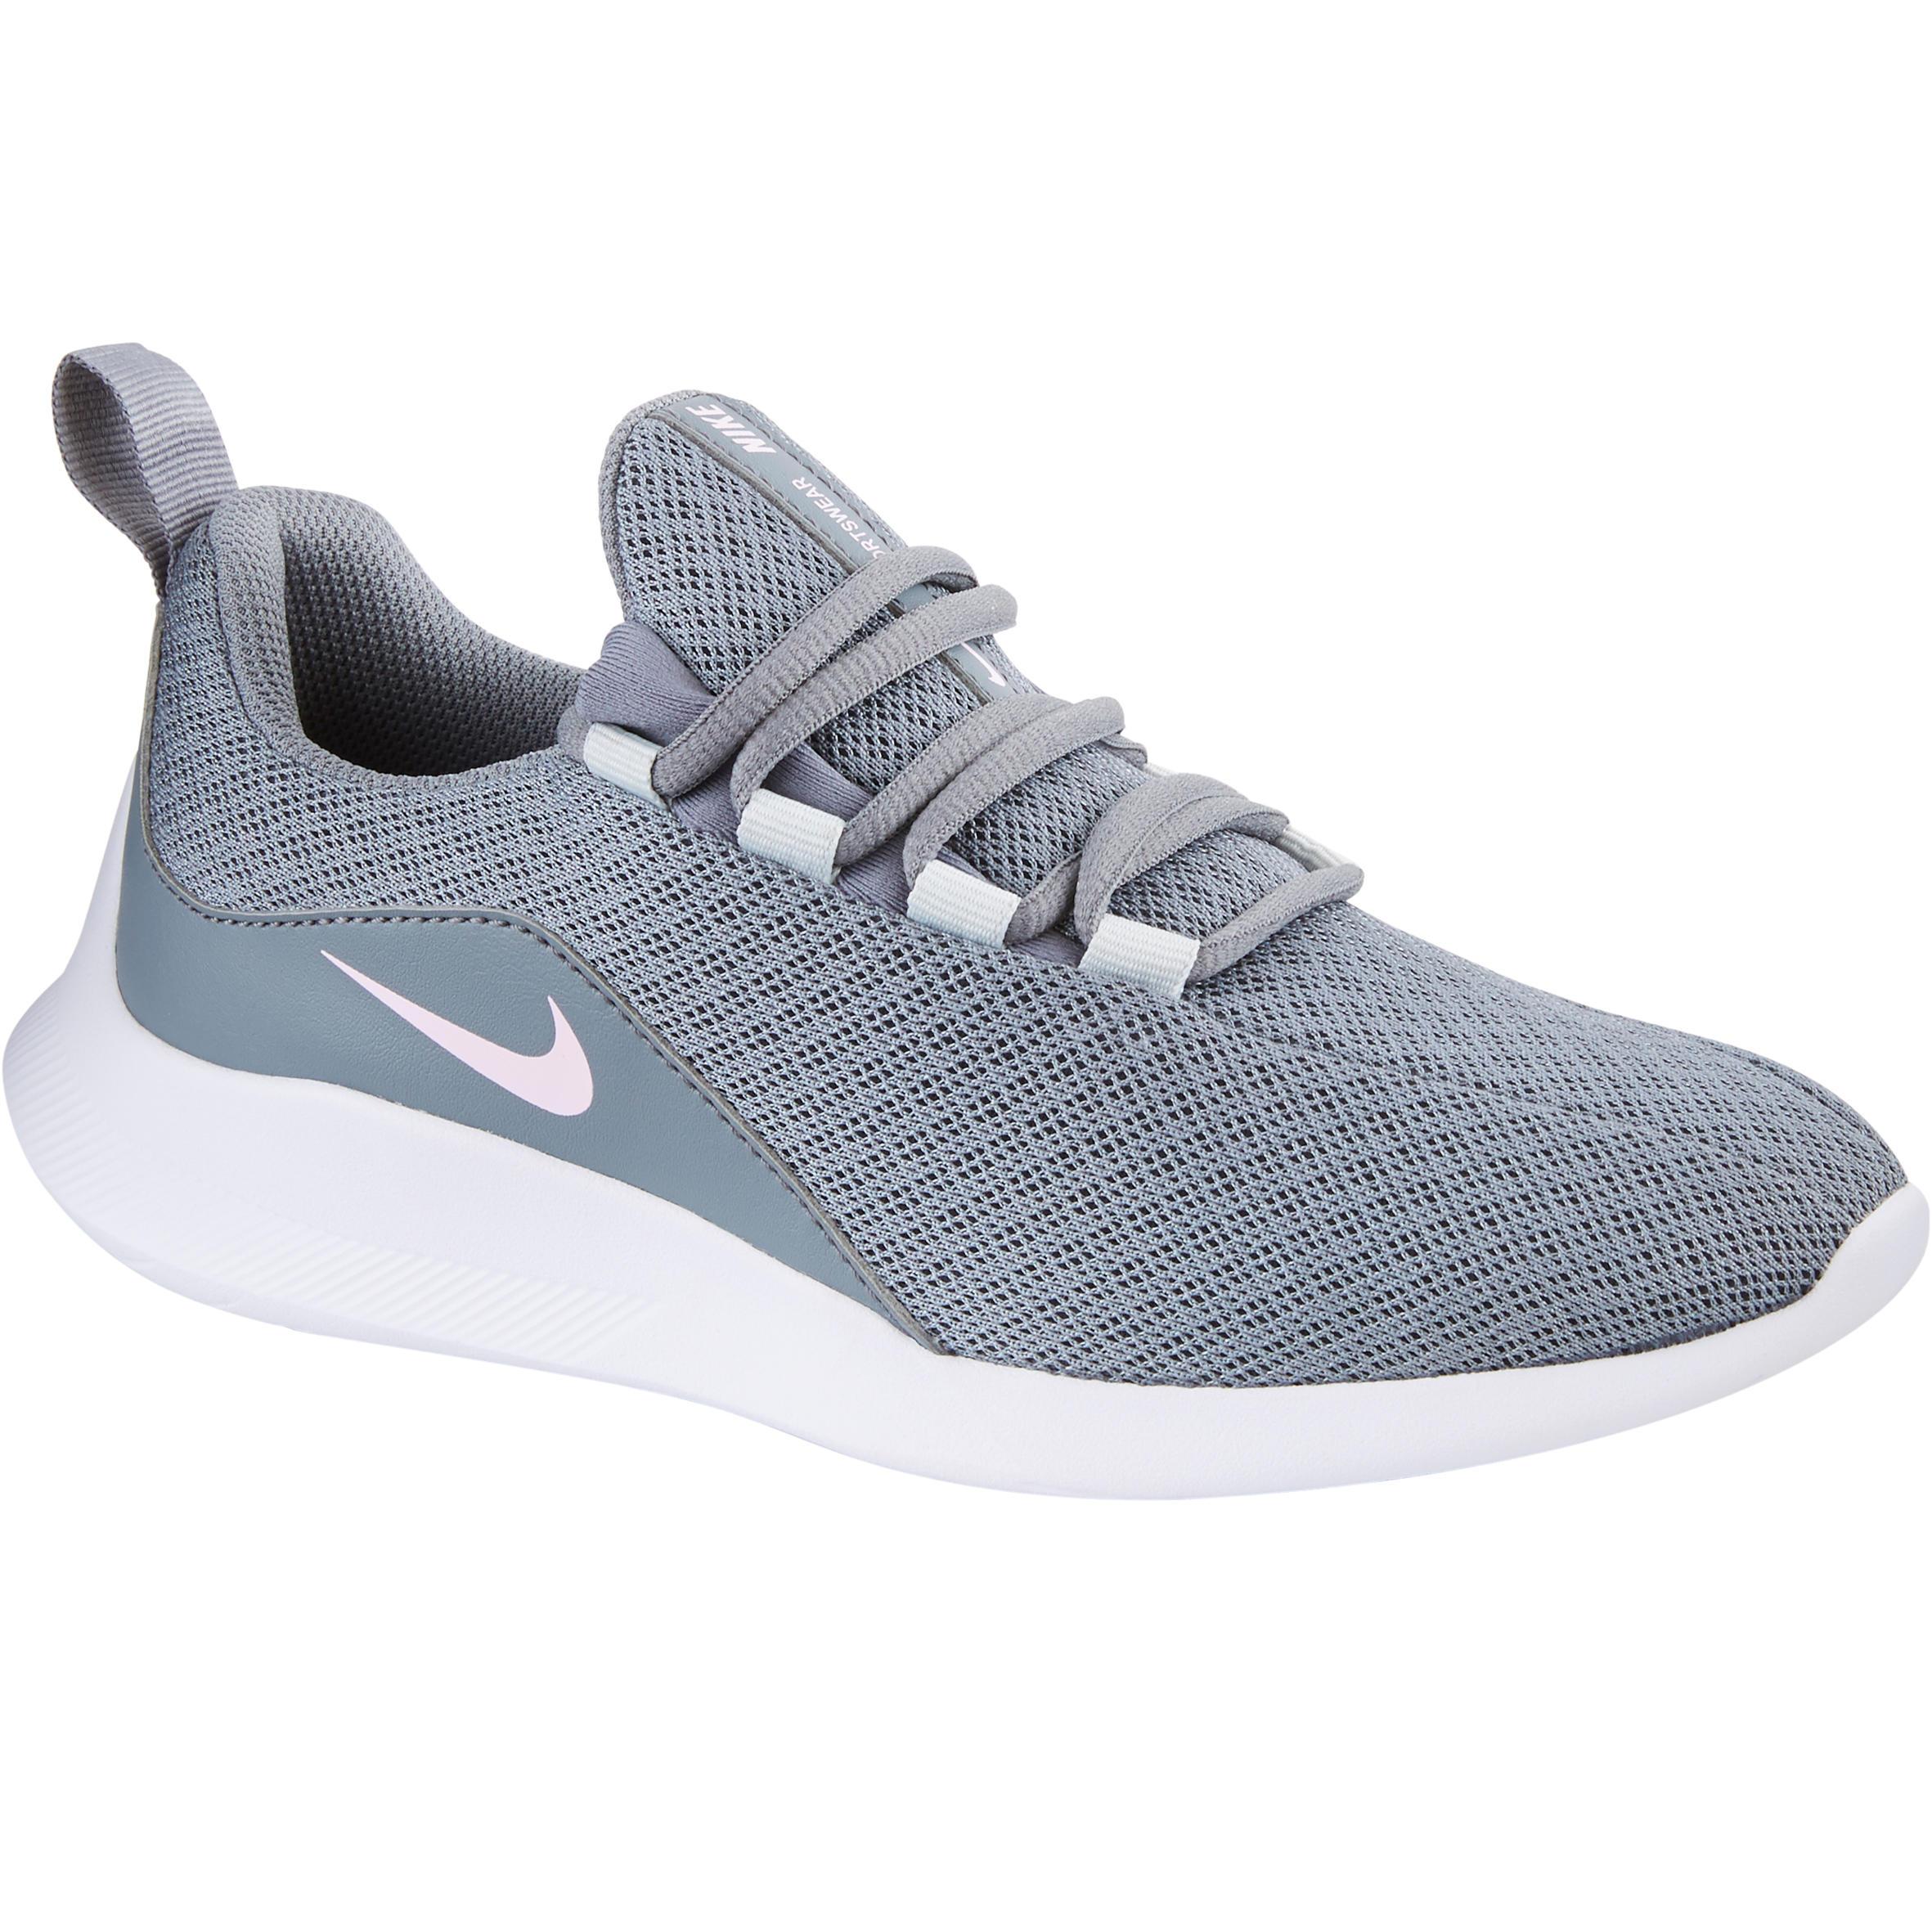 a8c84952e60 Nike artikelen online ← Decathlon.nl